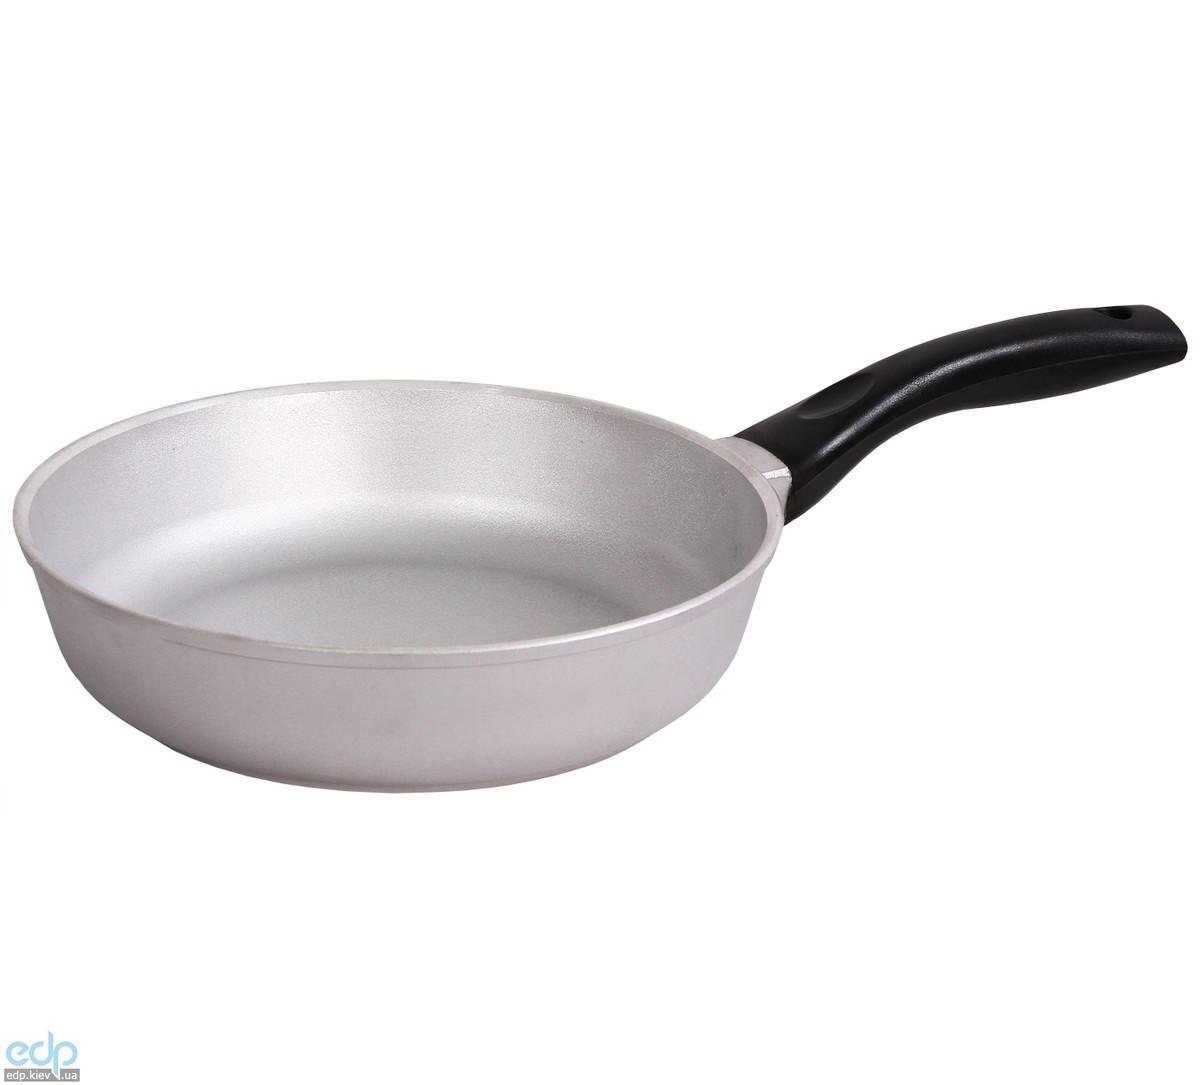 Биол - Сковорода с утолщенным дном без крышки диаметр 24 см (2407)